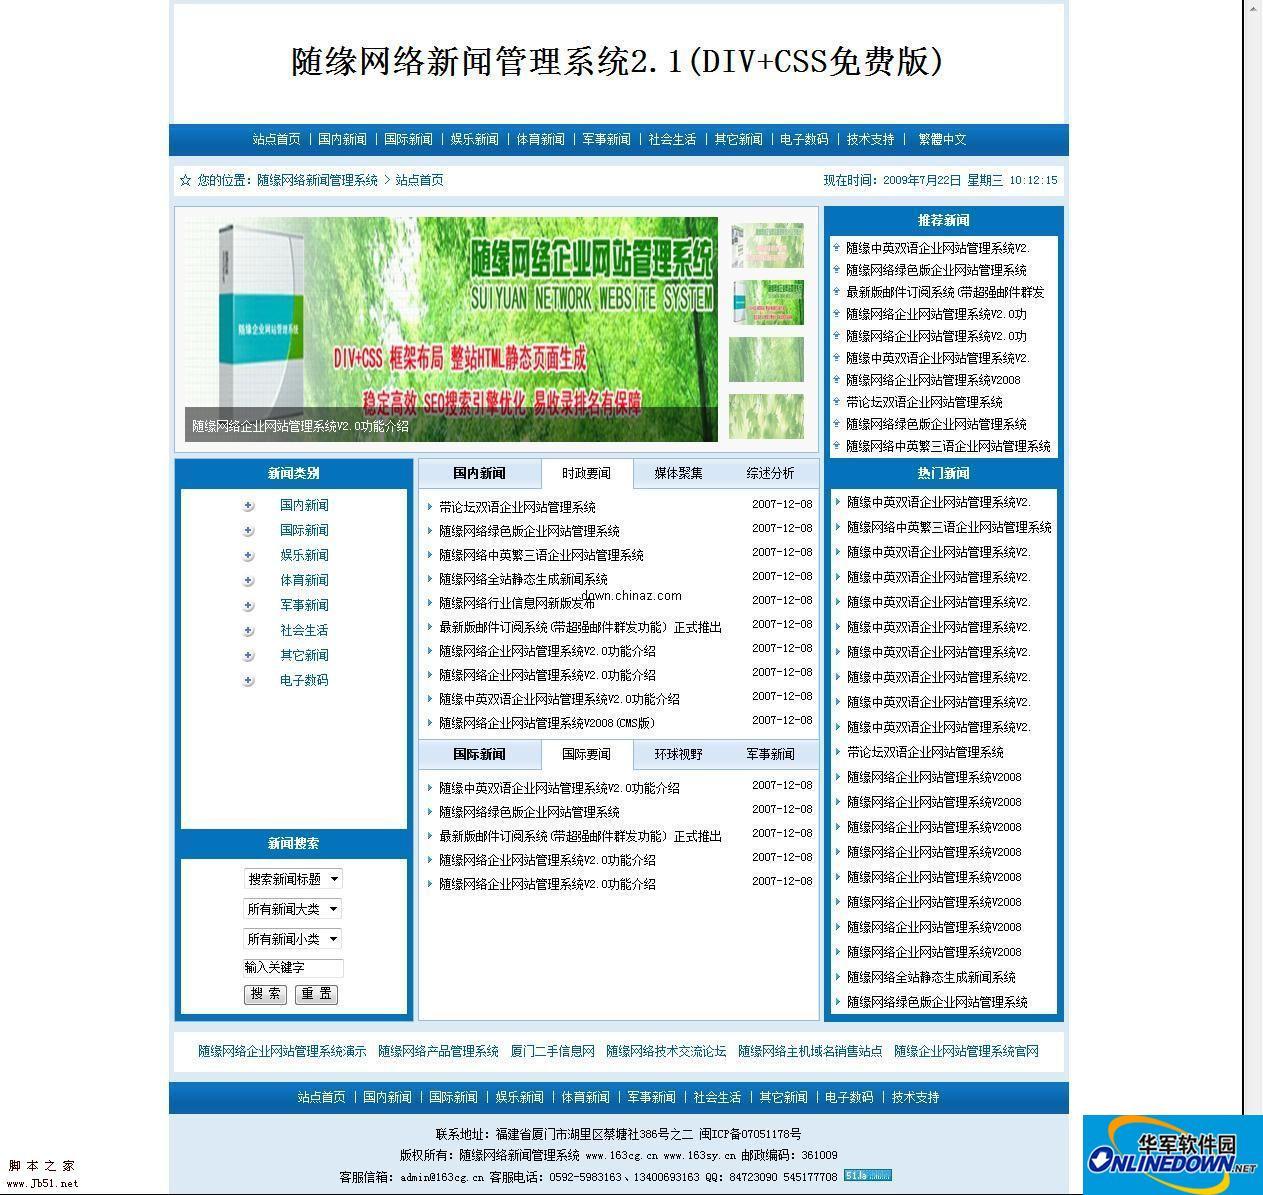 asp 随缘网络新闻管理系统